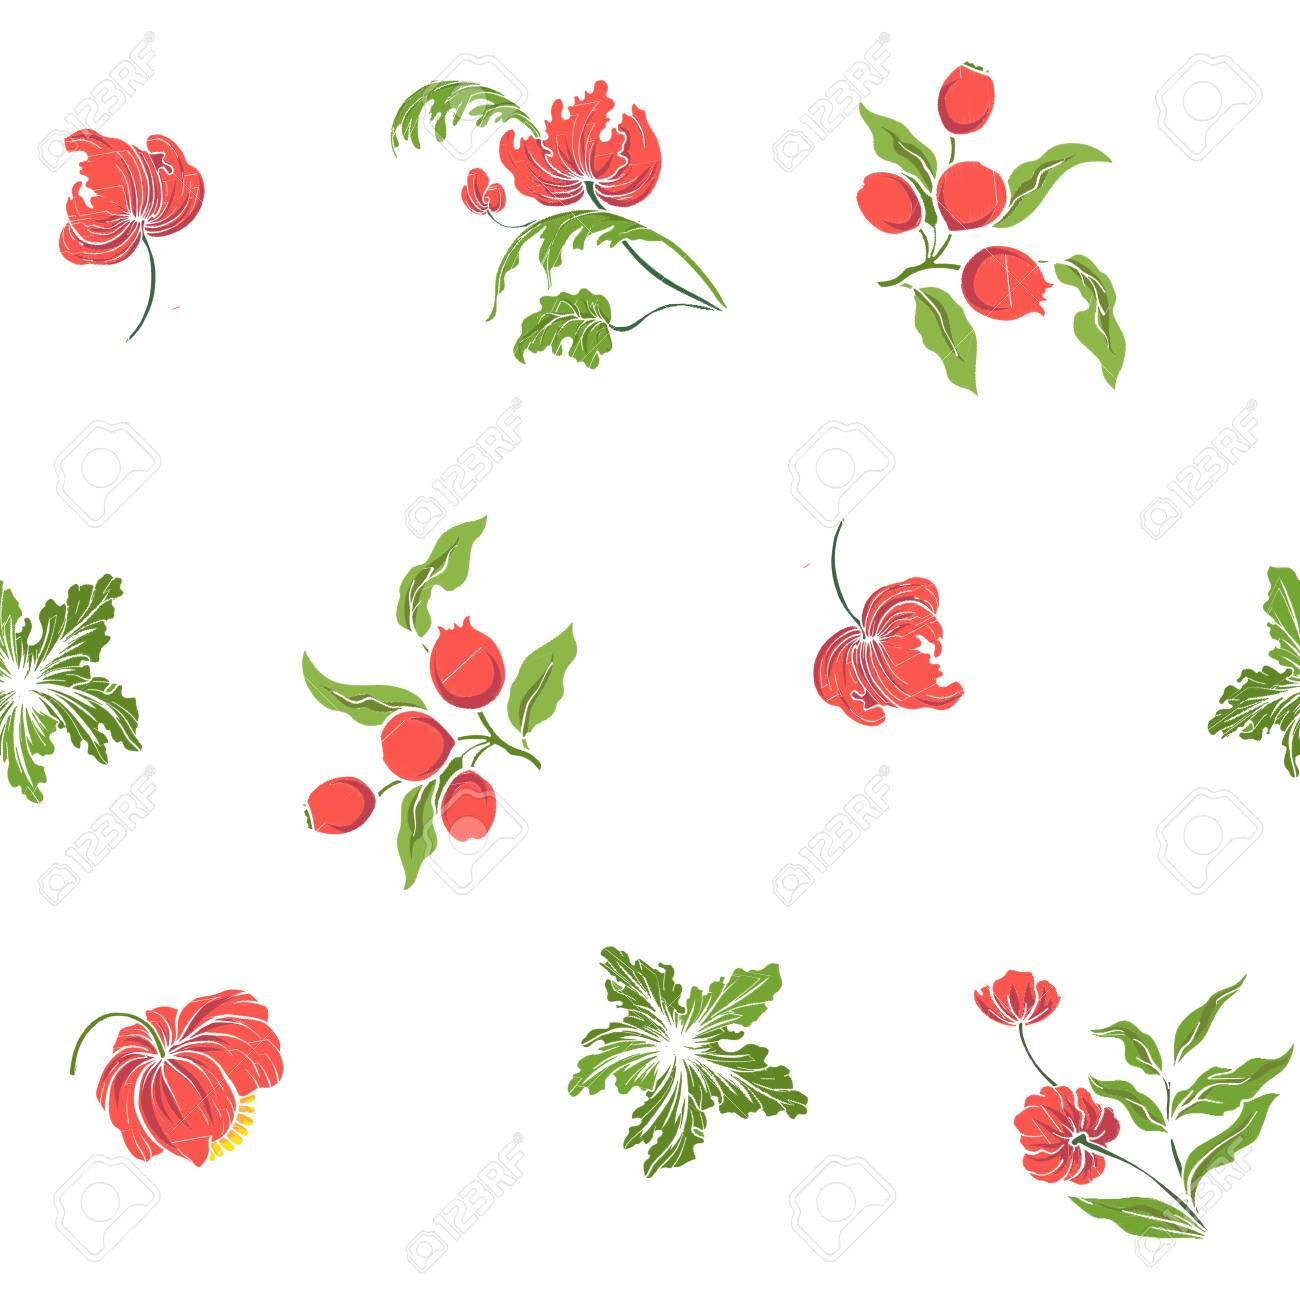 Patrón Transparente Con Flores Bordadas Vintage Ilustraciones ...